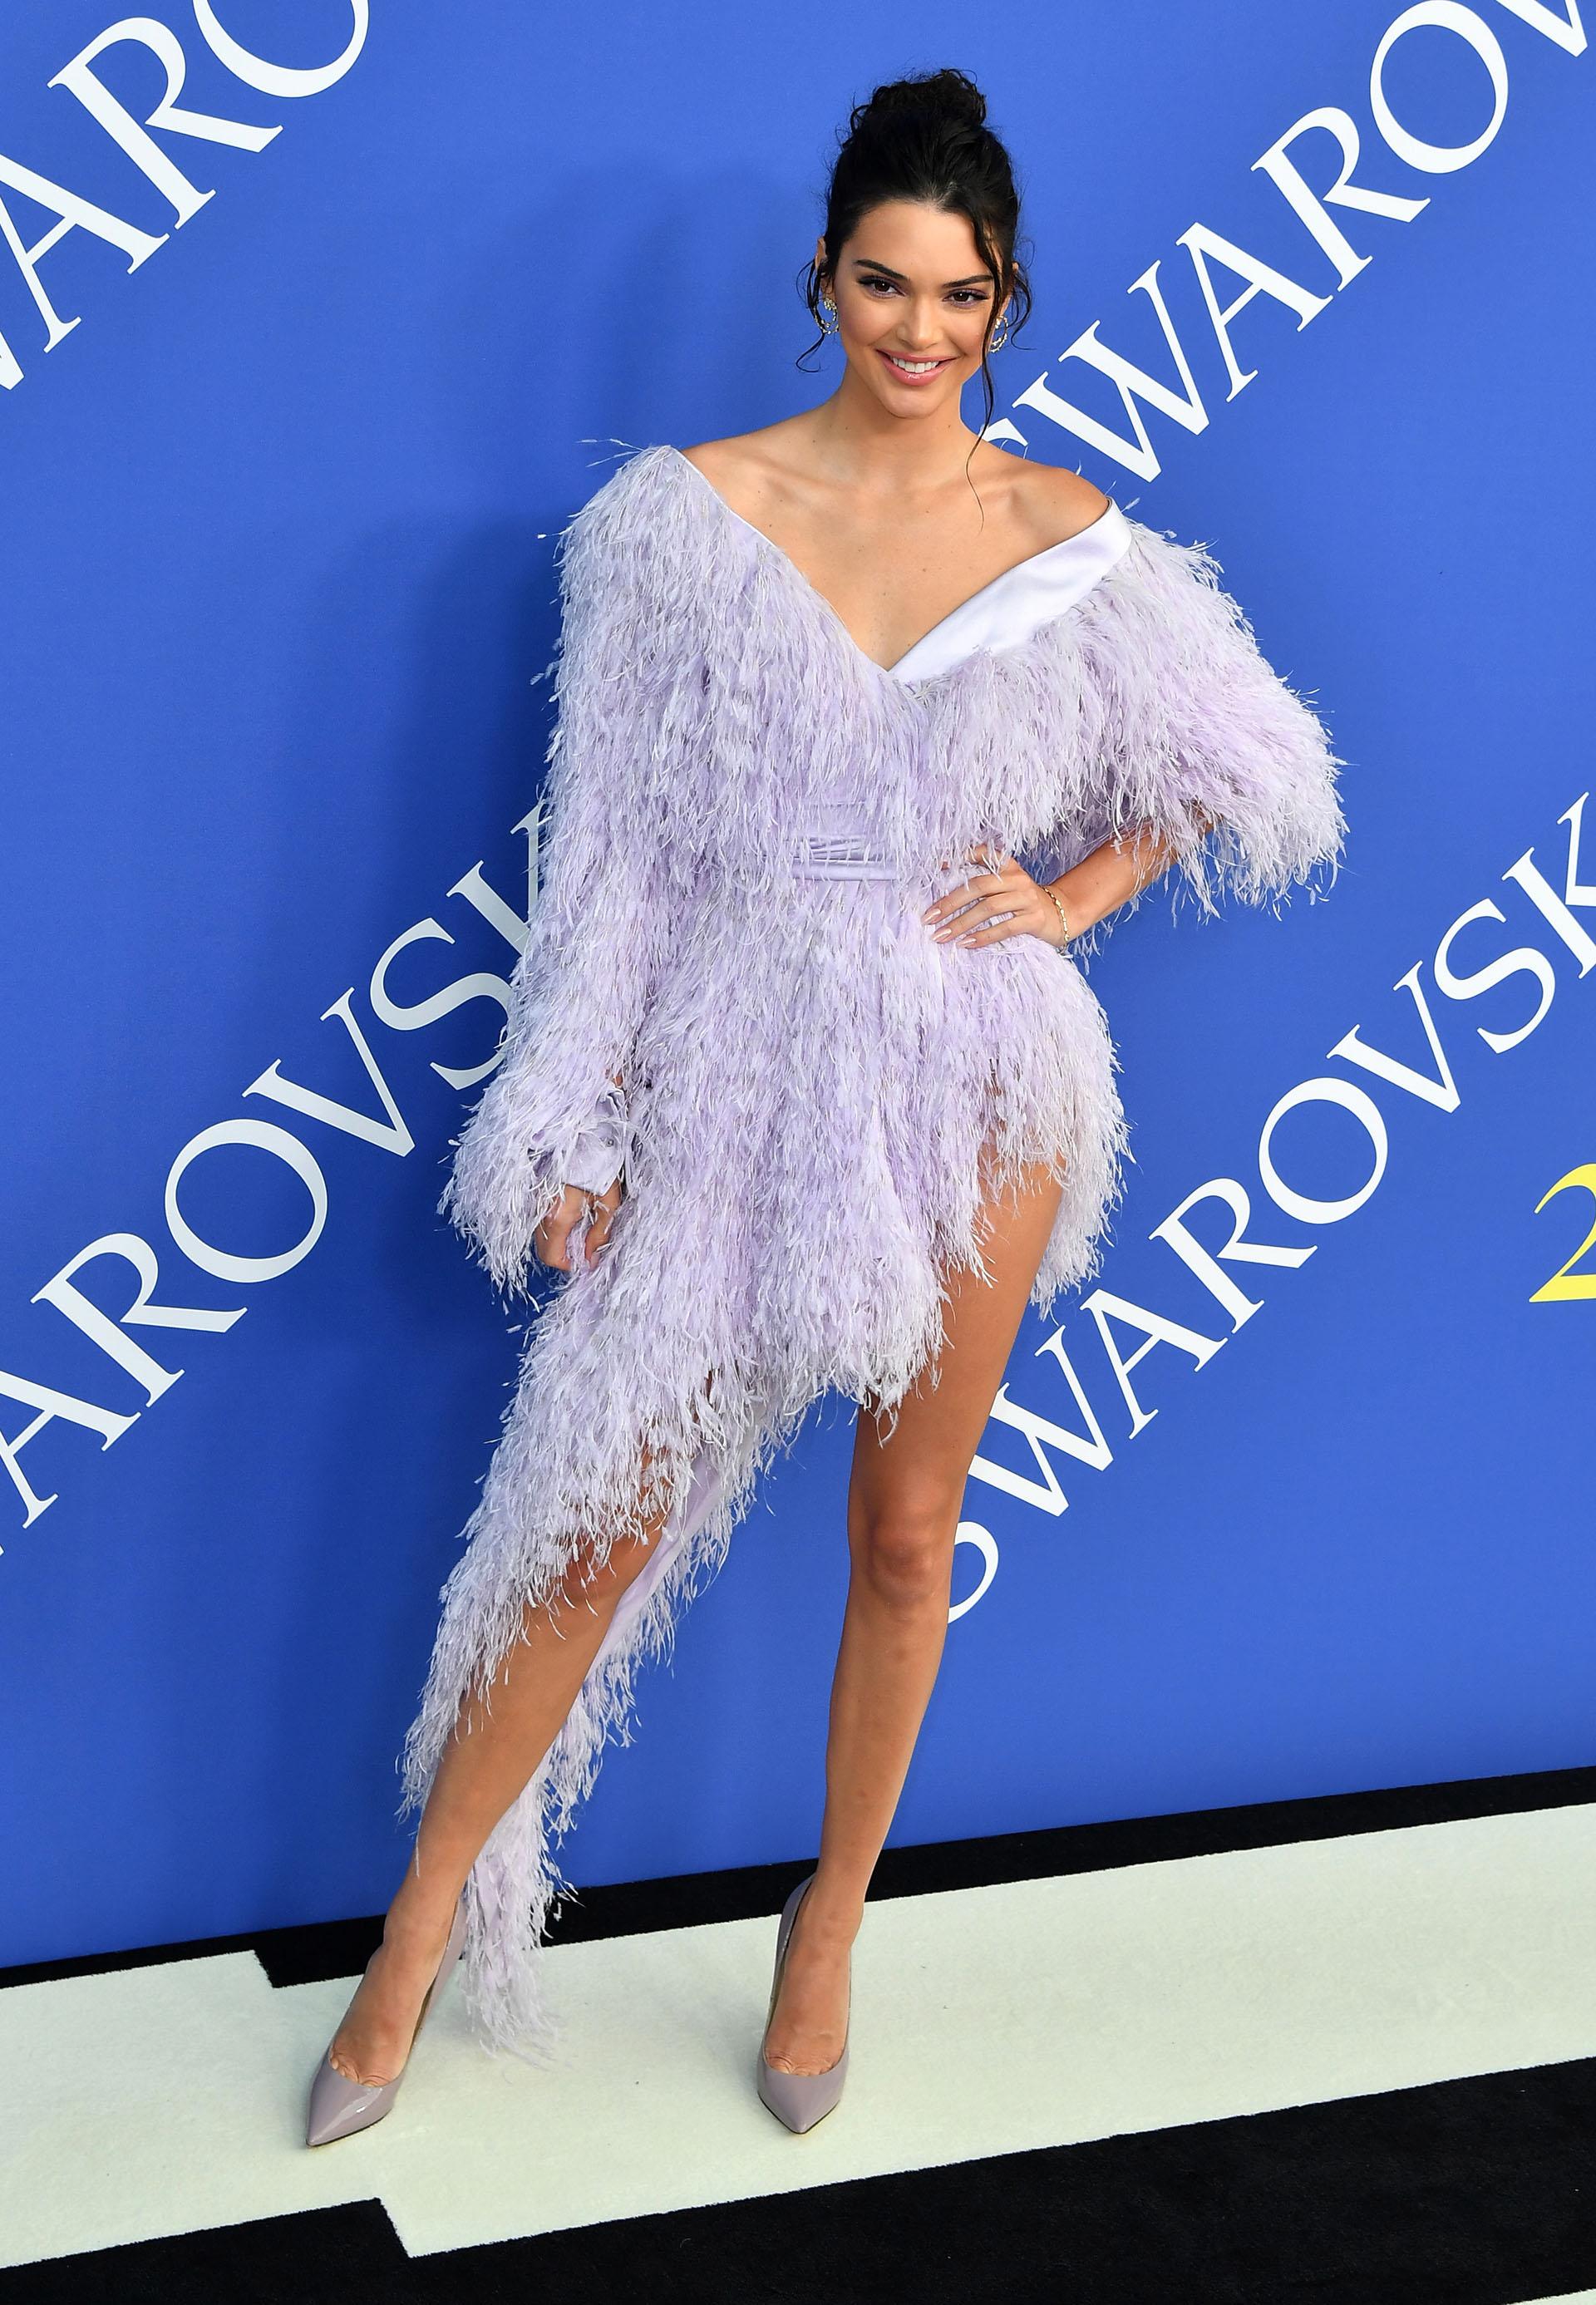 La modelo Kendall Jenner optó por un vestido vanguardista con corte asimétrico de plumas, una creación de Alexandre Vauthier, y zapatos nude de Jimmy Choo